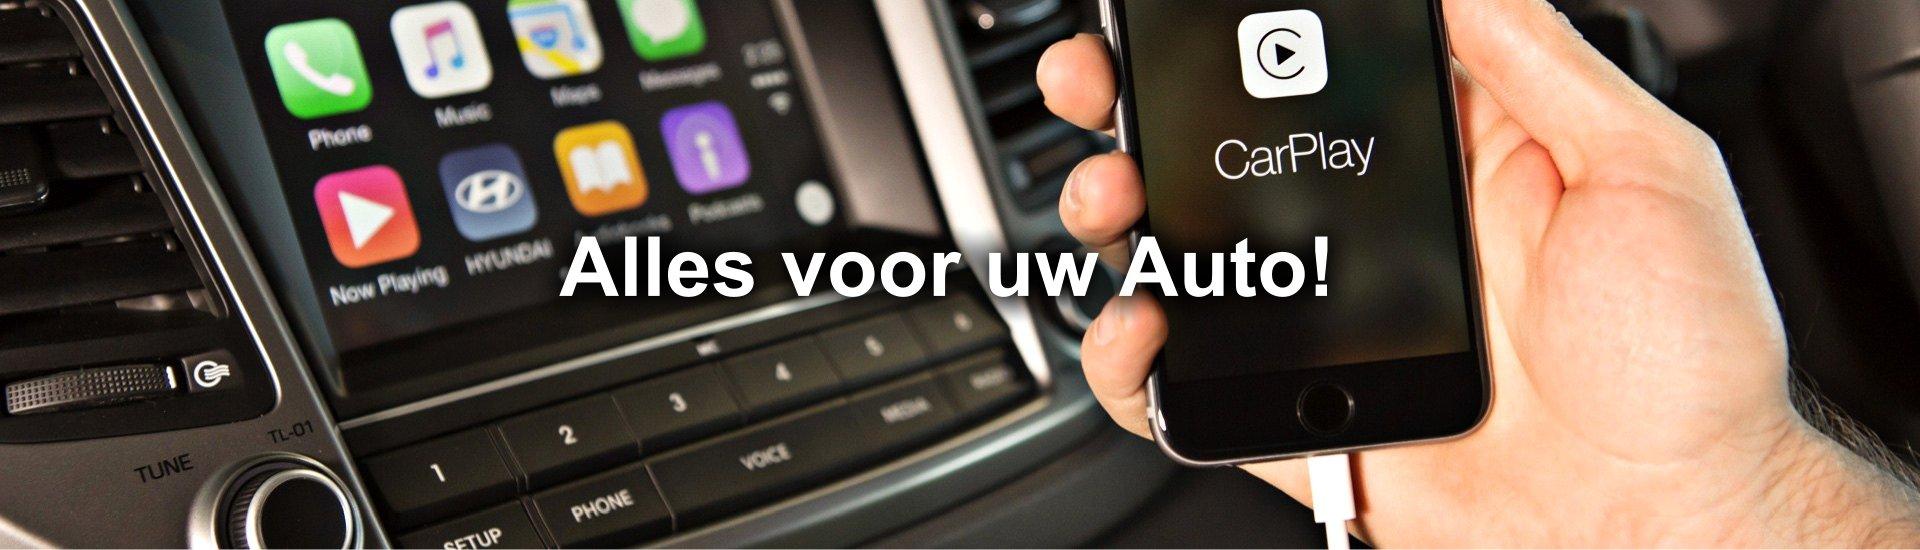 de-webshop-met-alles-voor-uw-auto